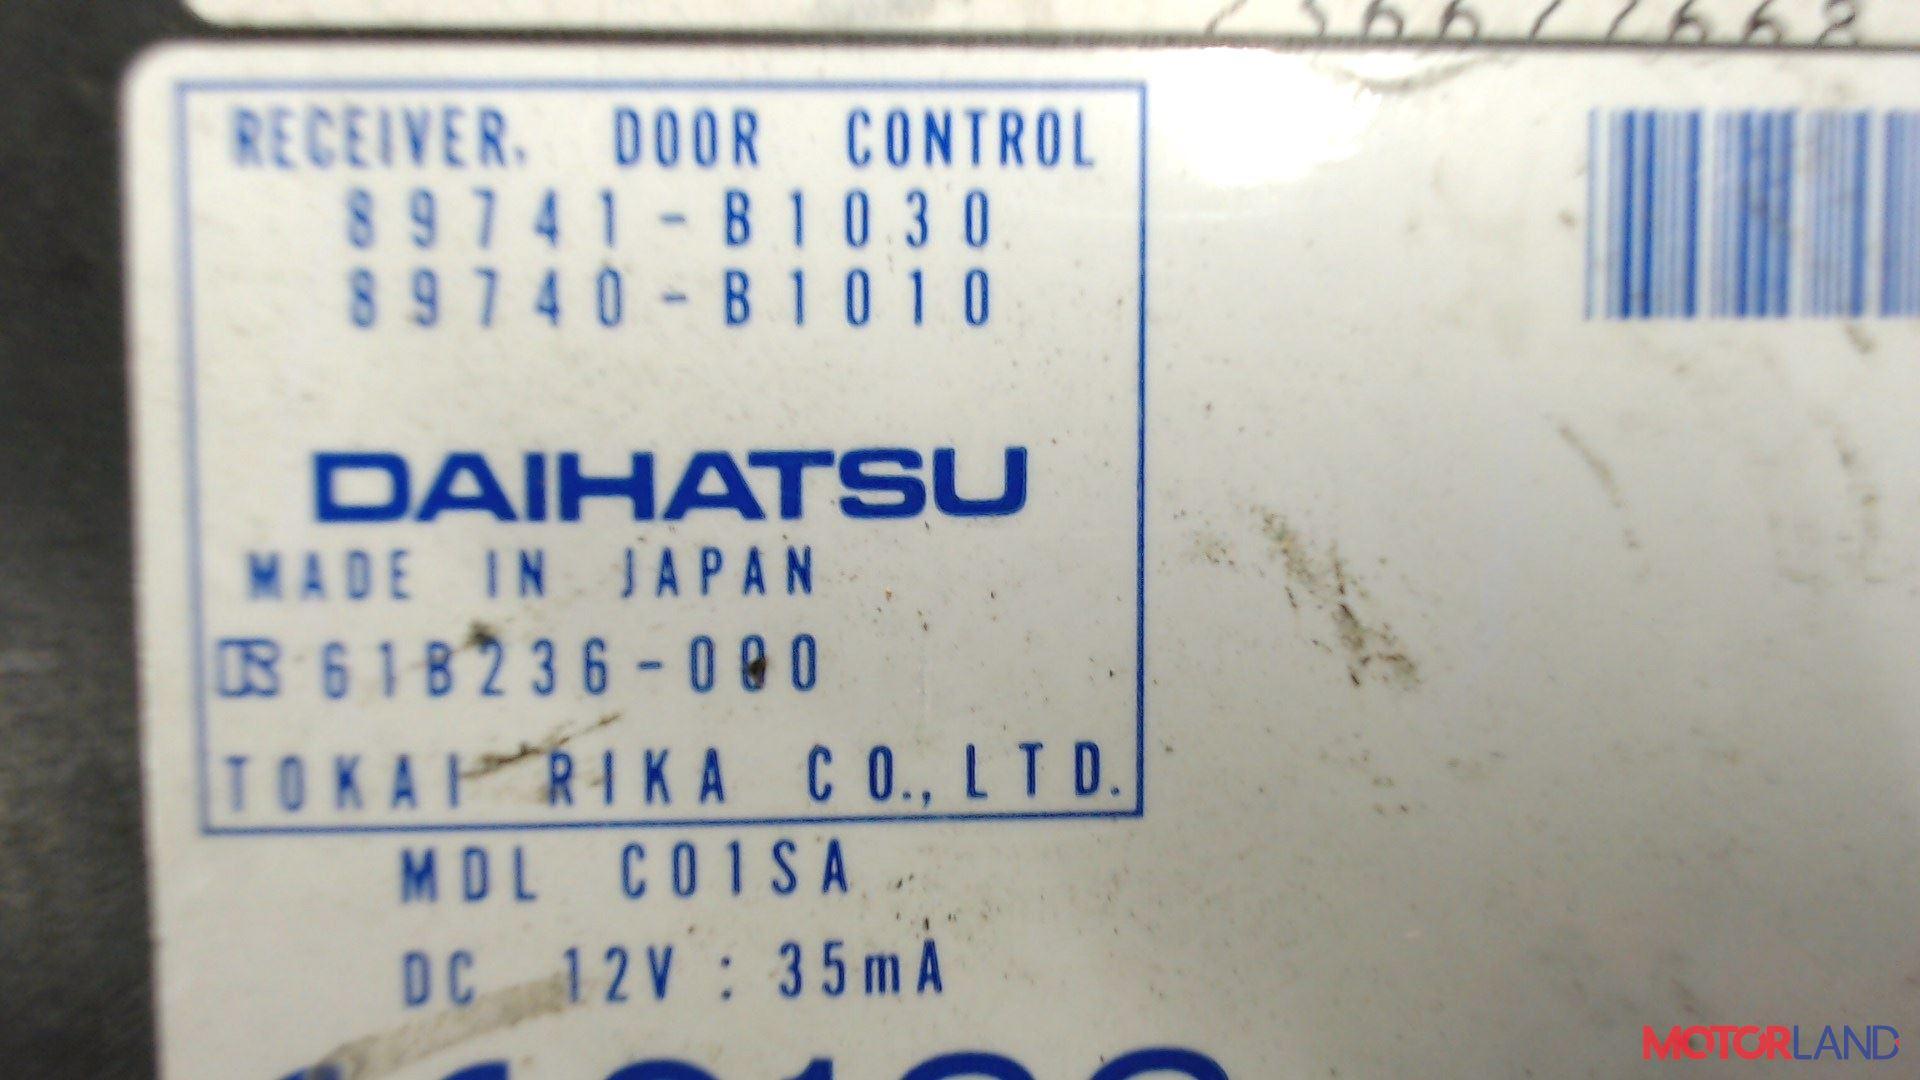 Реле прочее Daihatsu Sirion 2005-2012, Артикул 466044 #1